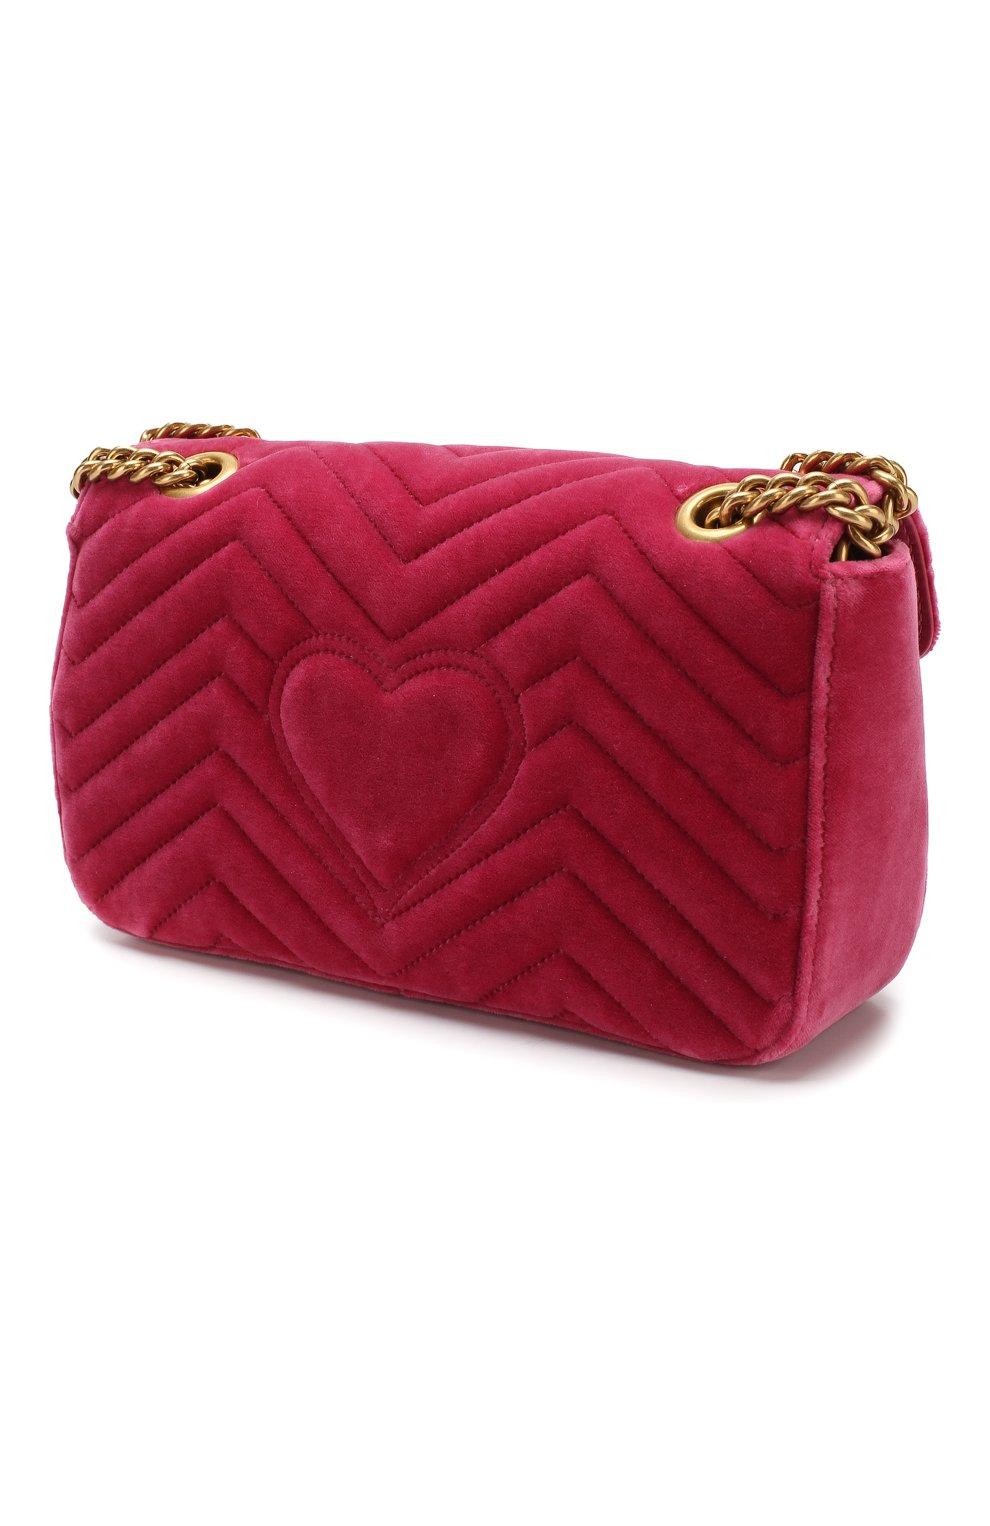 Сумки Gucci по цене от 56 000 руб. купить в интернет-магазине ЦУМ 8164d5f7454